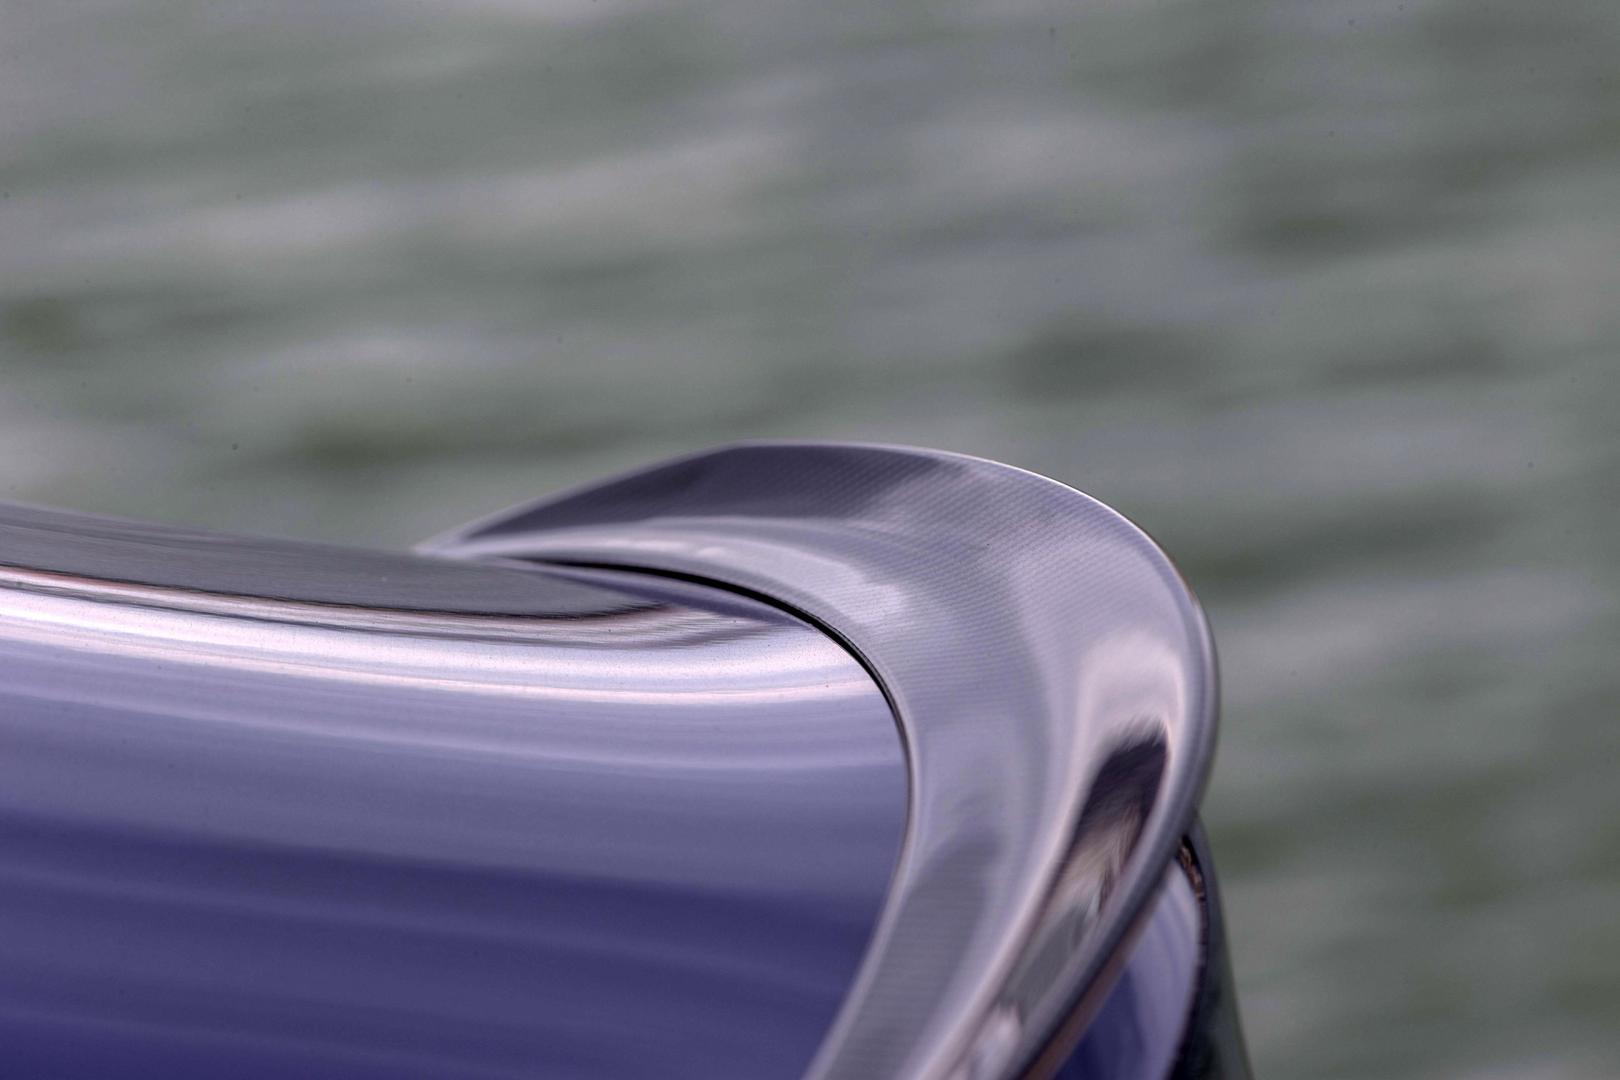 Mercedes-AMG C 63 S Coupé spoiler (2015)